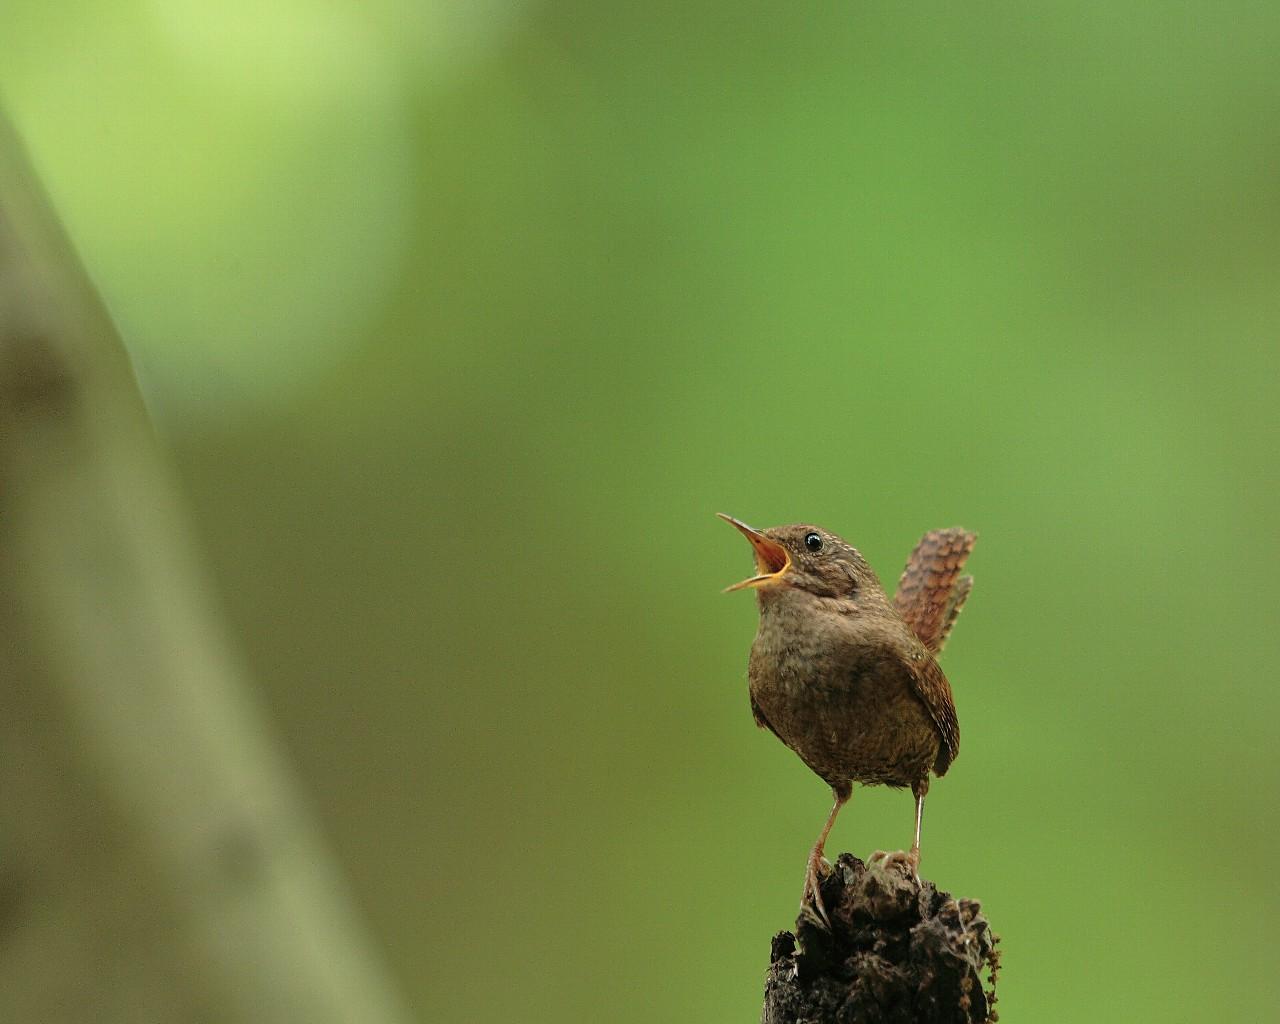 ミソサザイの力強い囀り(新緑をバックに美しい野鳥の壁紙)_f0105570_1751580.jpg